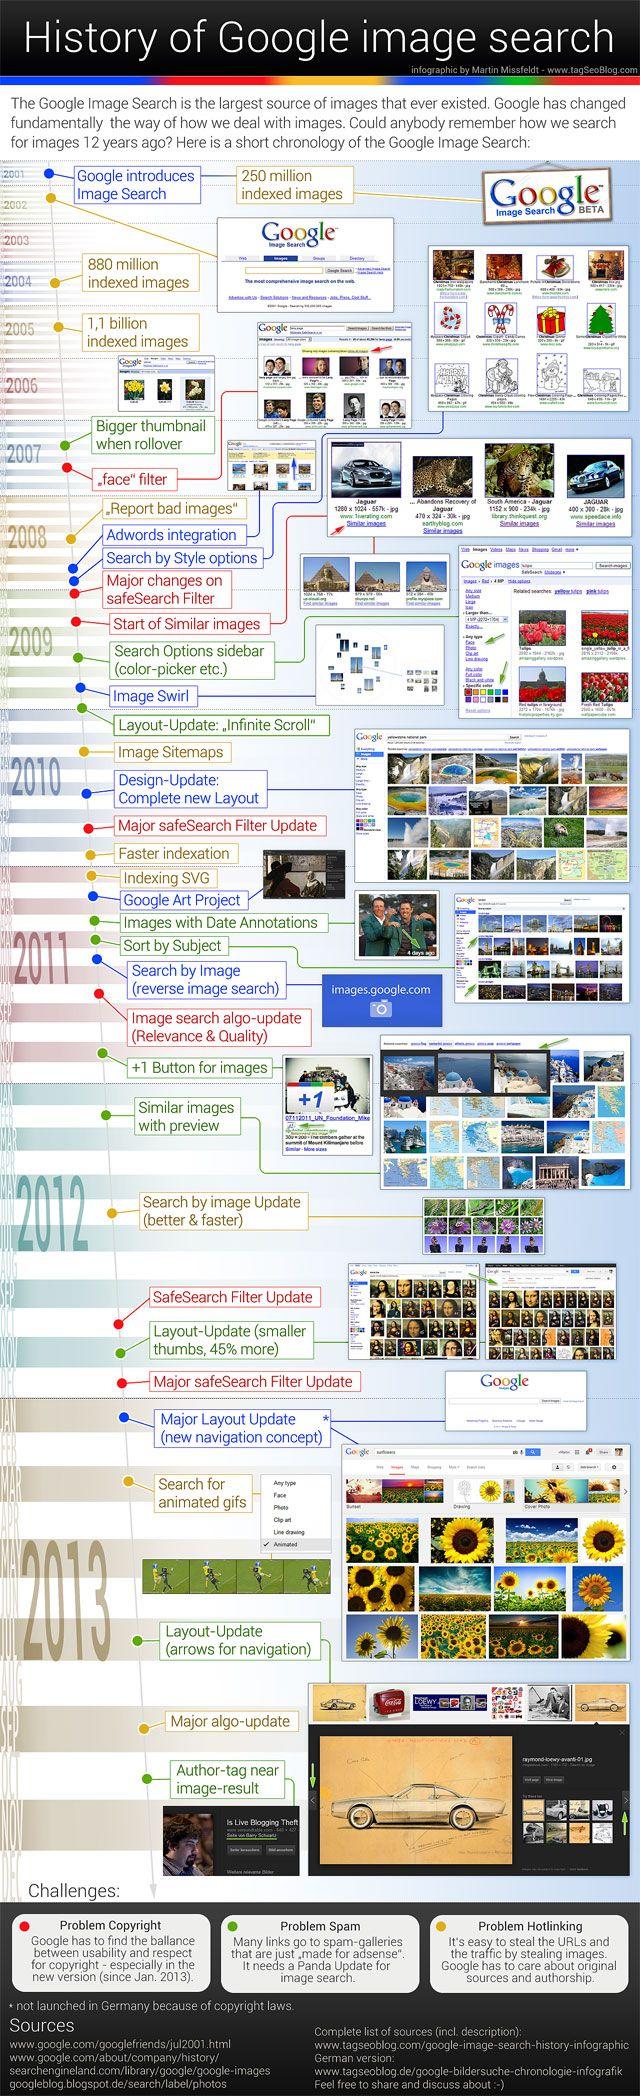 Infografik: Chronologie der Google Bildersuche